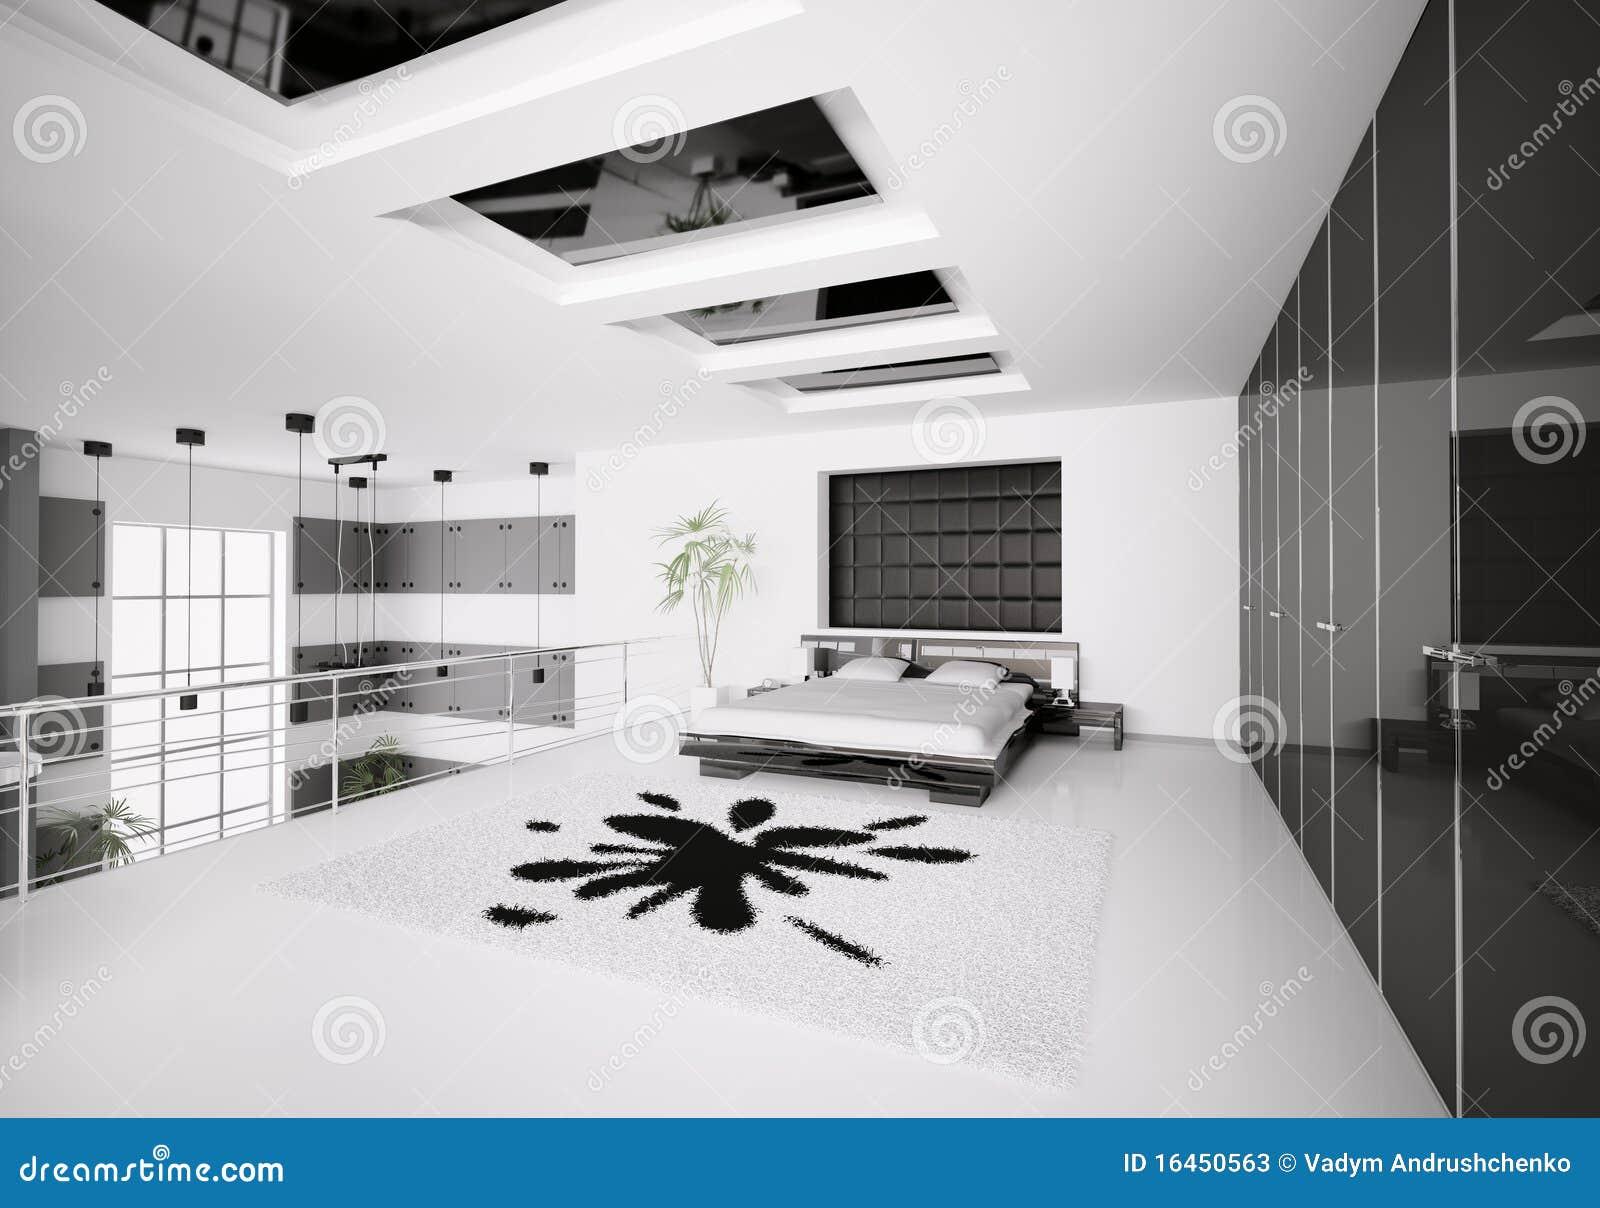 Modern bedroom interior 3d stock illustration Illustration of